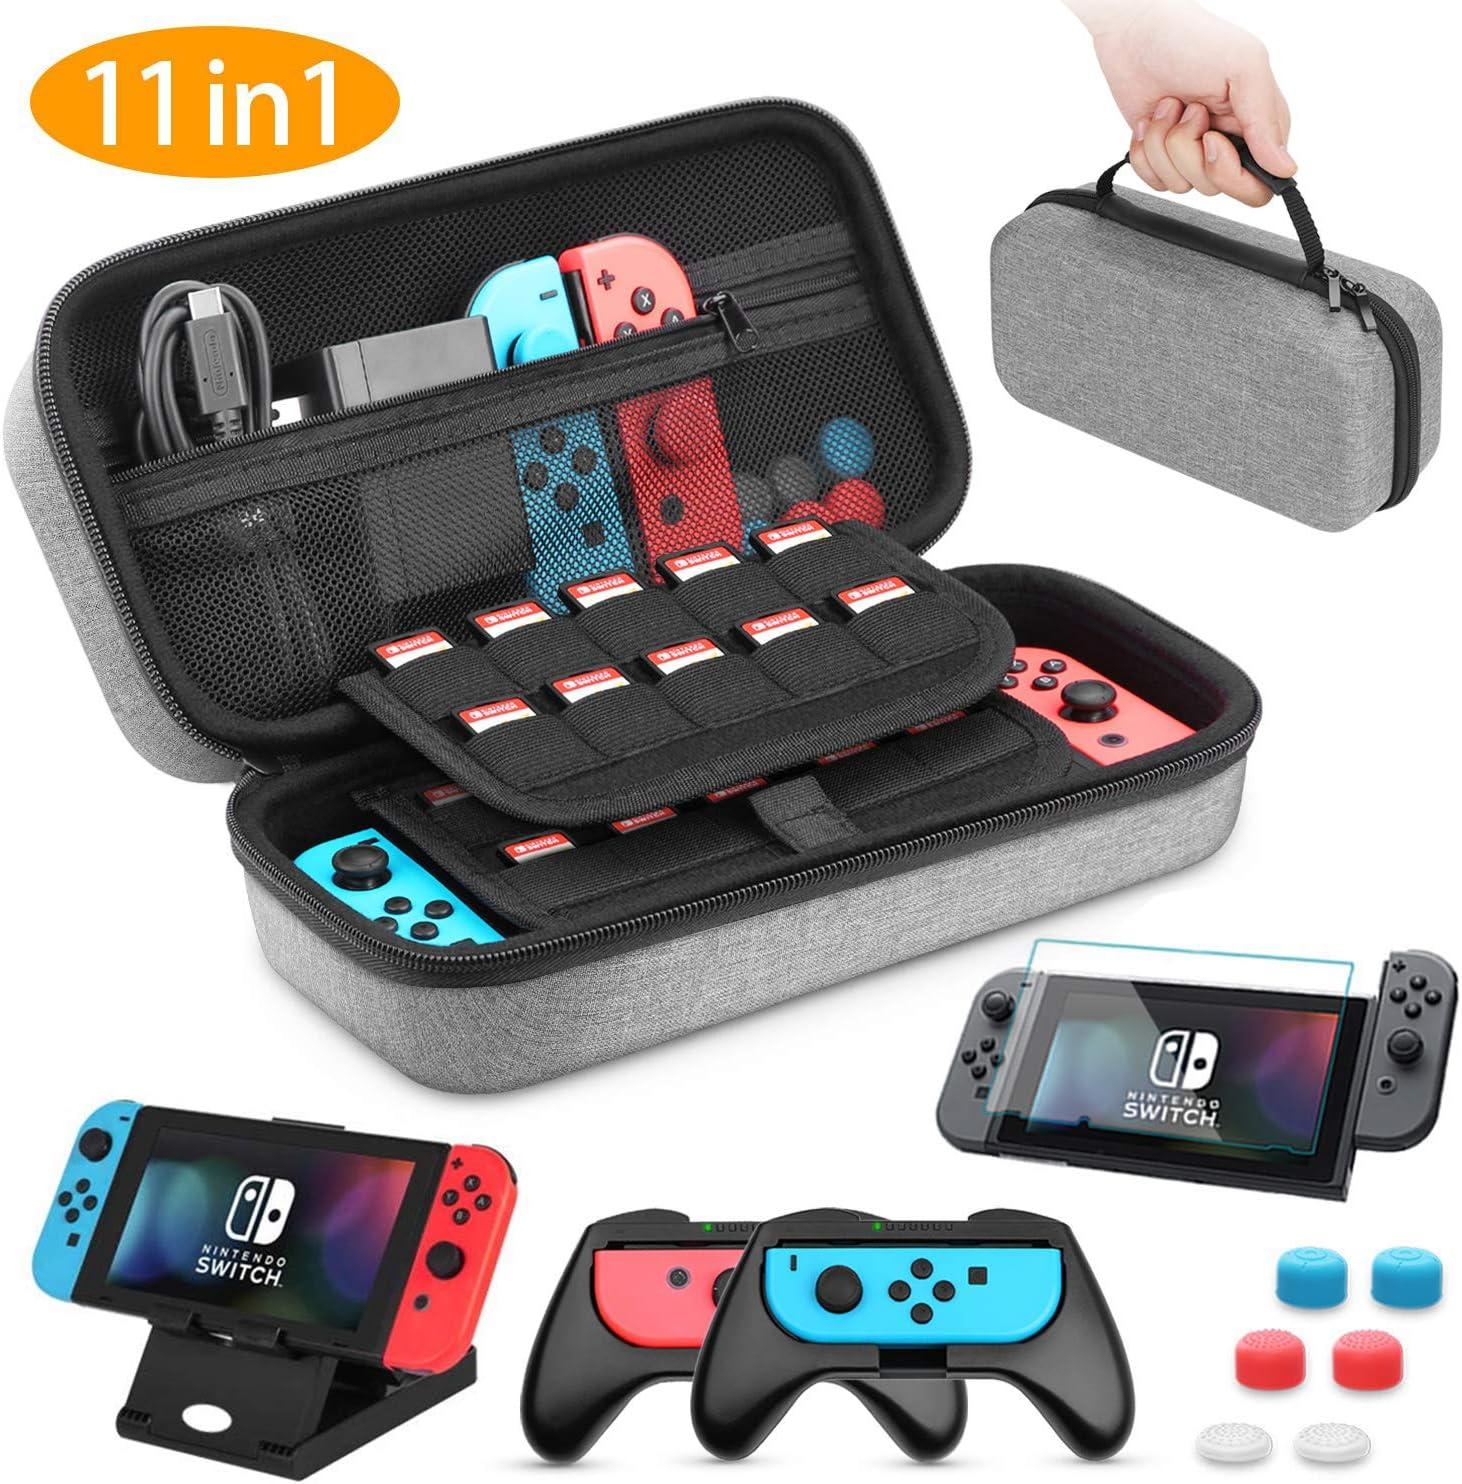 Funda para Nintendo Switch, HEYSTOP 11 en 1 Nintendo Switch Estuche Portátil, 2 Joy-Con Grips para Nintendo Switch, PlayStand Ajustable, Protector de Pantalla con 6 Tapas de Agarre para Pulgar (Gris): Amazon.es: Electrónica